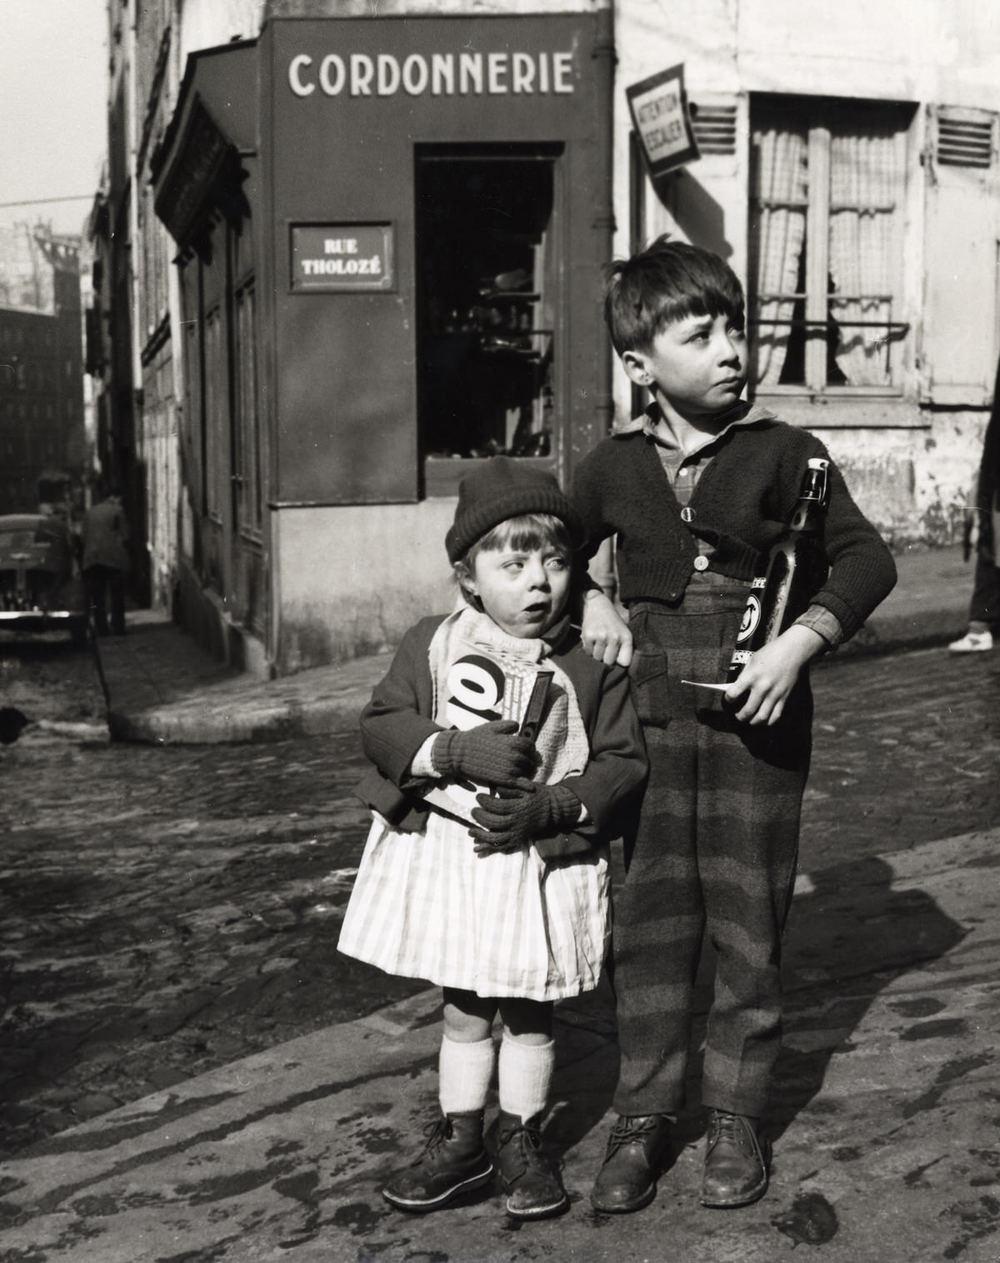 Rue Tholozé, Montmartre, Paris, 1954 ©Dorothy Bohm